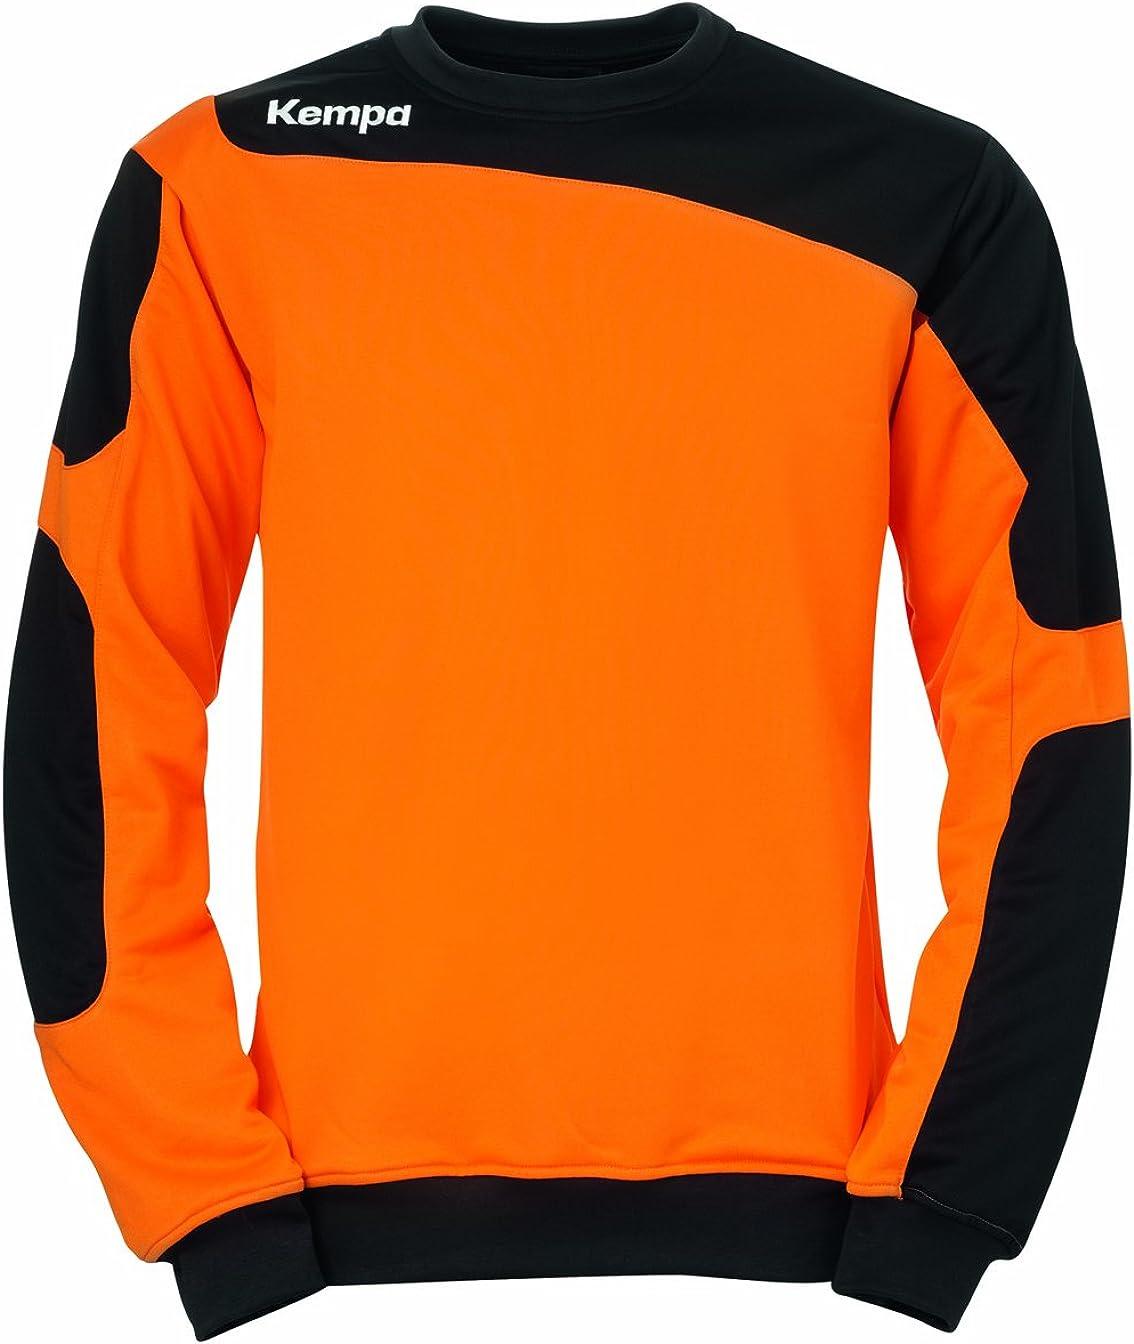 Kempa Teamtrikotset Tribute Torwartpullover - Camiseta de ...